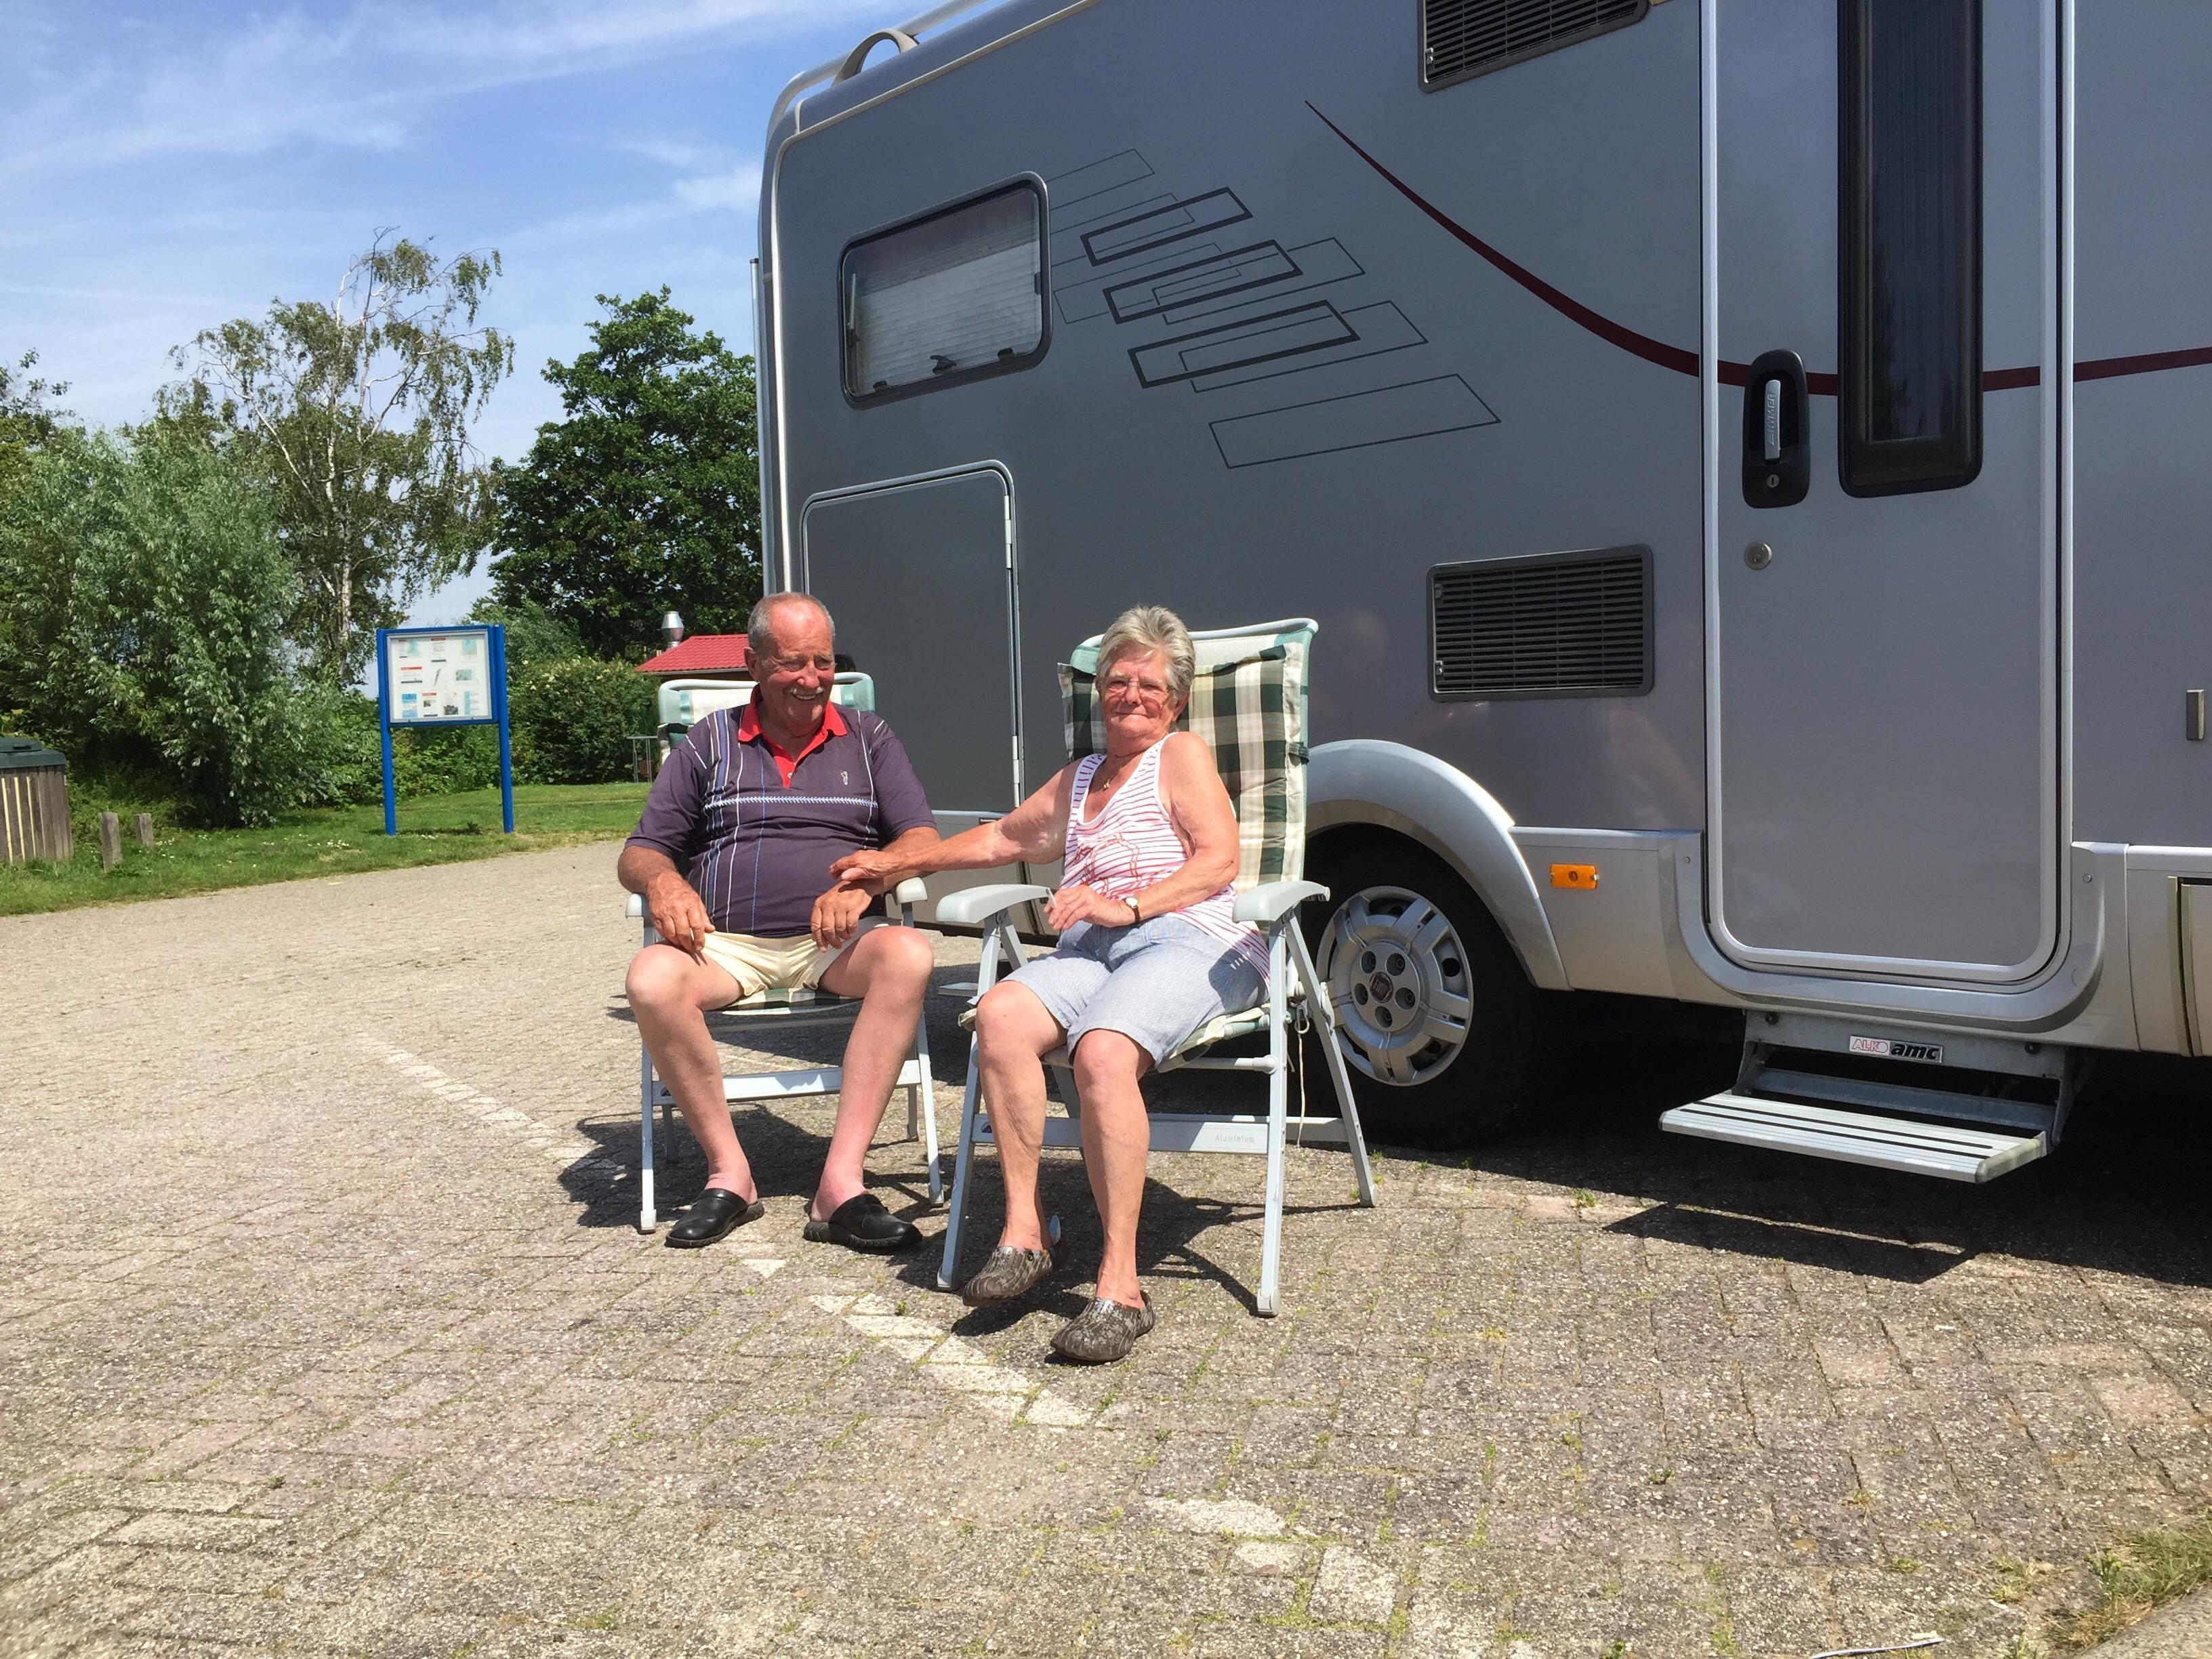 Onderweg: Ad en Wil van der Staay wonen in hun luxe camper. Nu er lichamelijke gebreken opspelen is het de vraag hoe lang ze het vrije leven nog kunnen volhouden